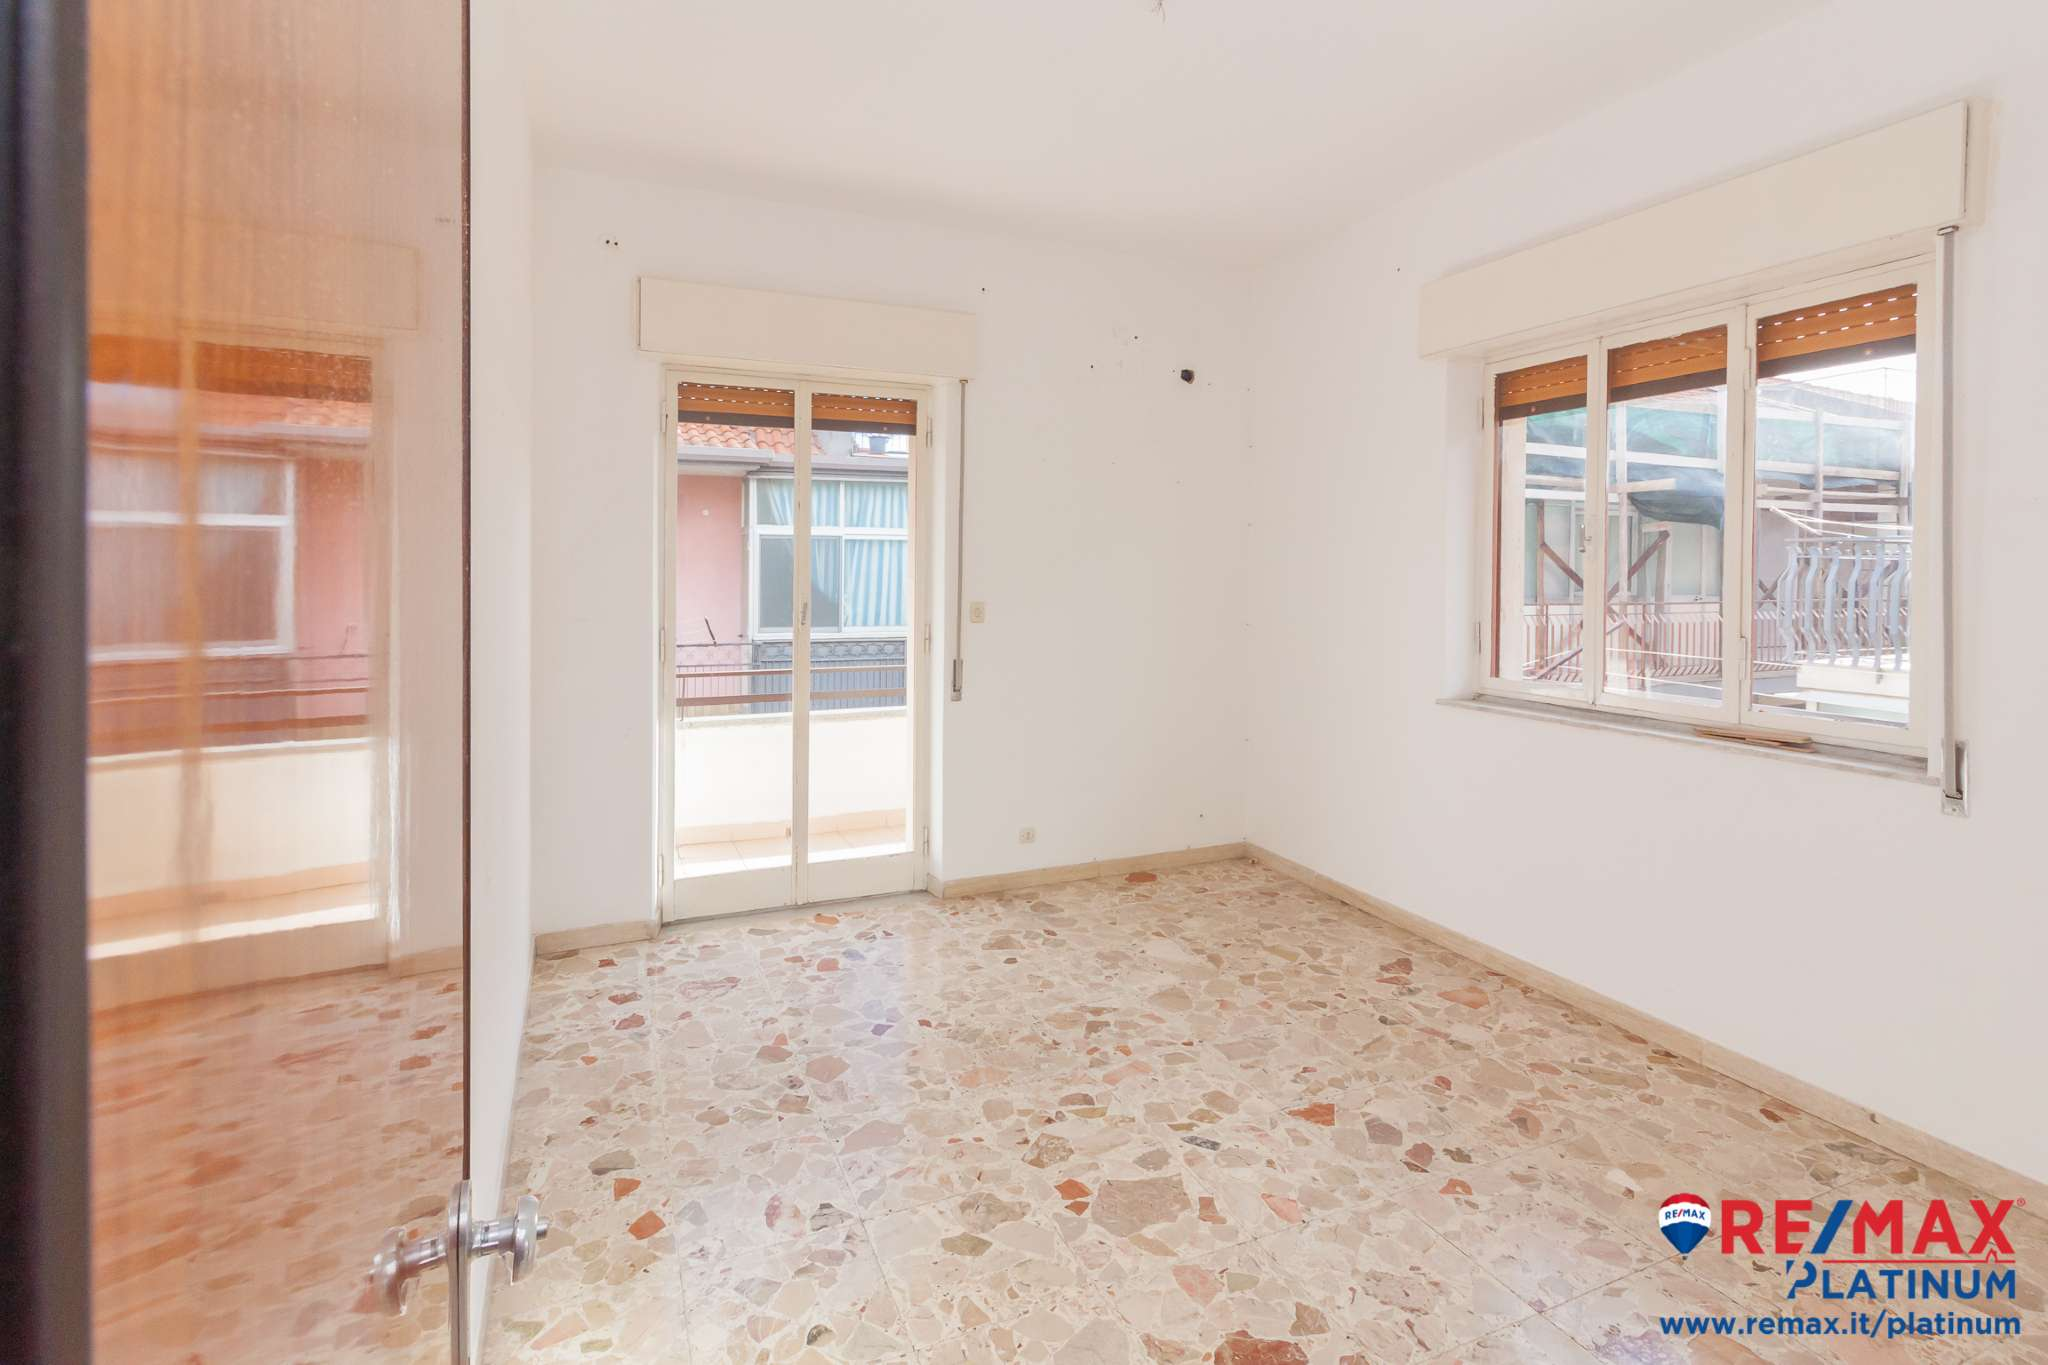 Appartamento con 3 camere più terrazza sovrastante